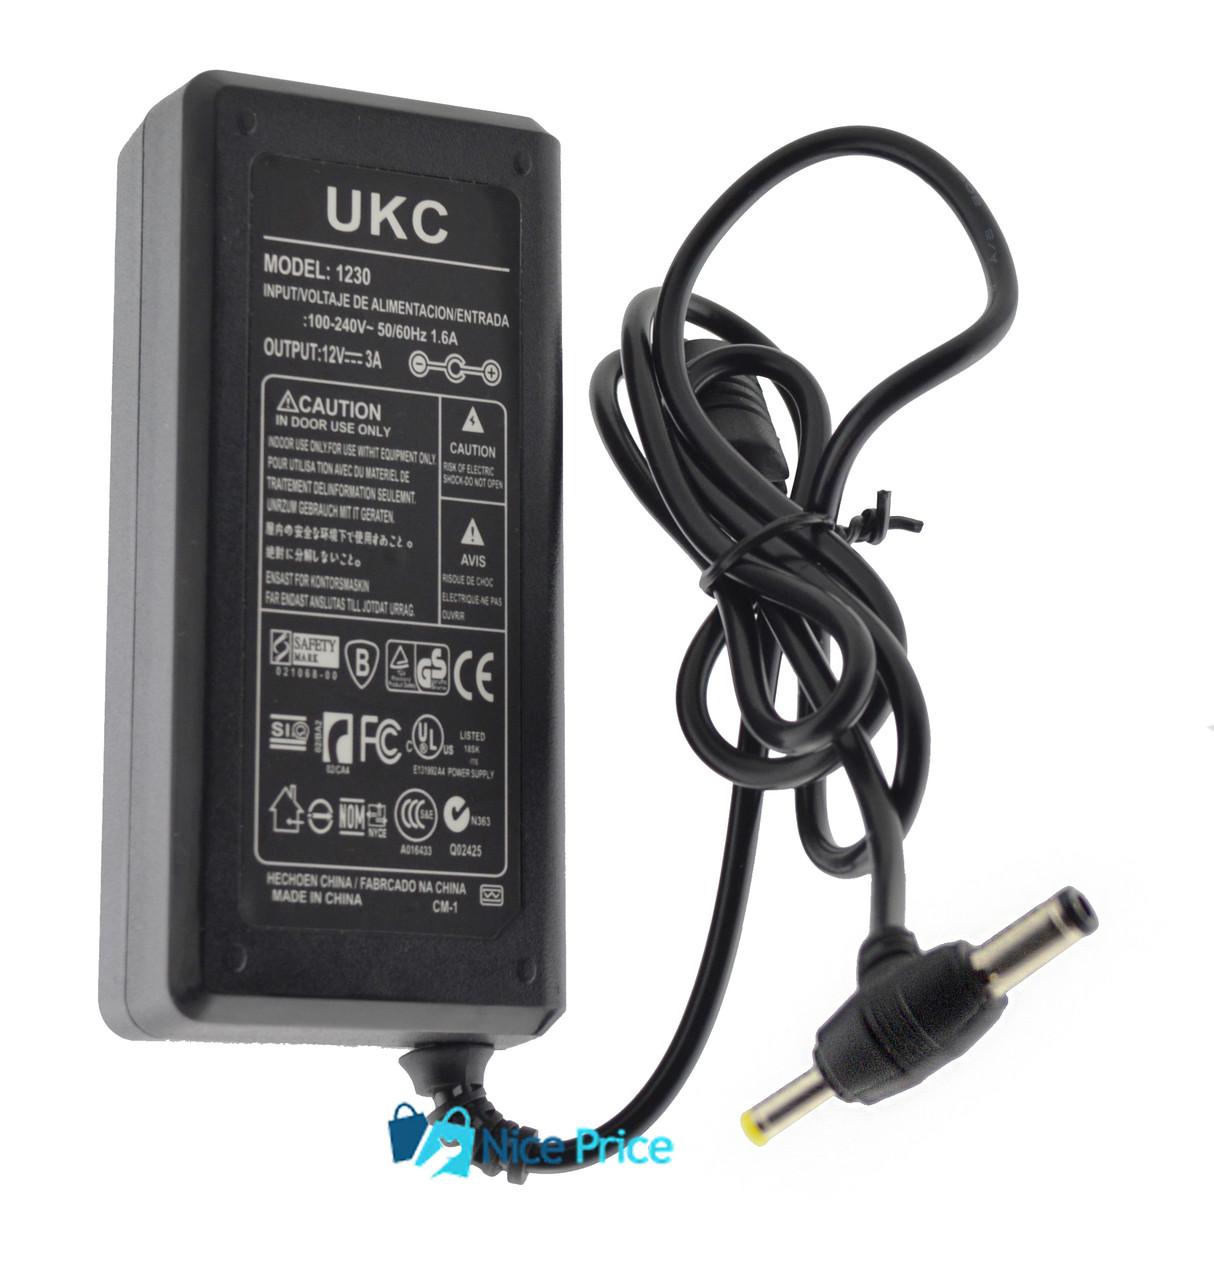 Блок питания UKC 12V 3A (1230) 5.5/2.1 и 3.7х2.2 мм + кабель питания